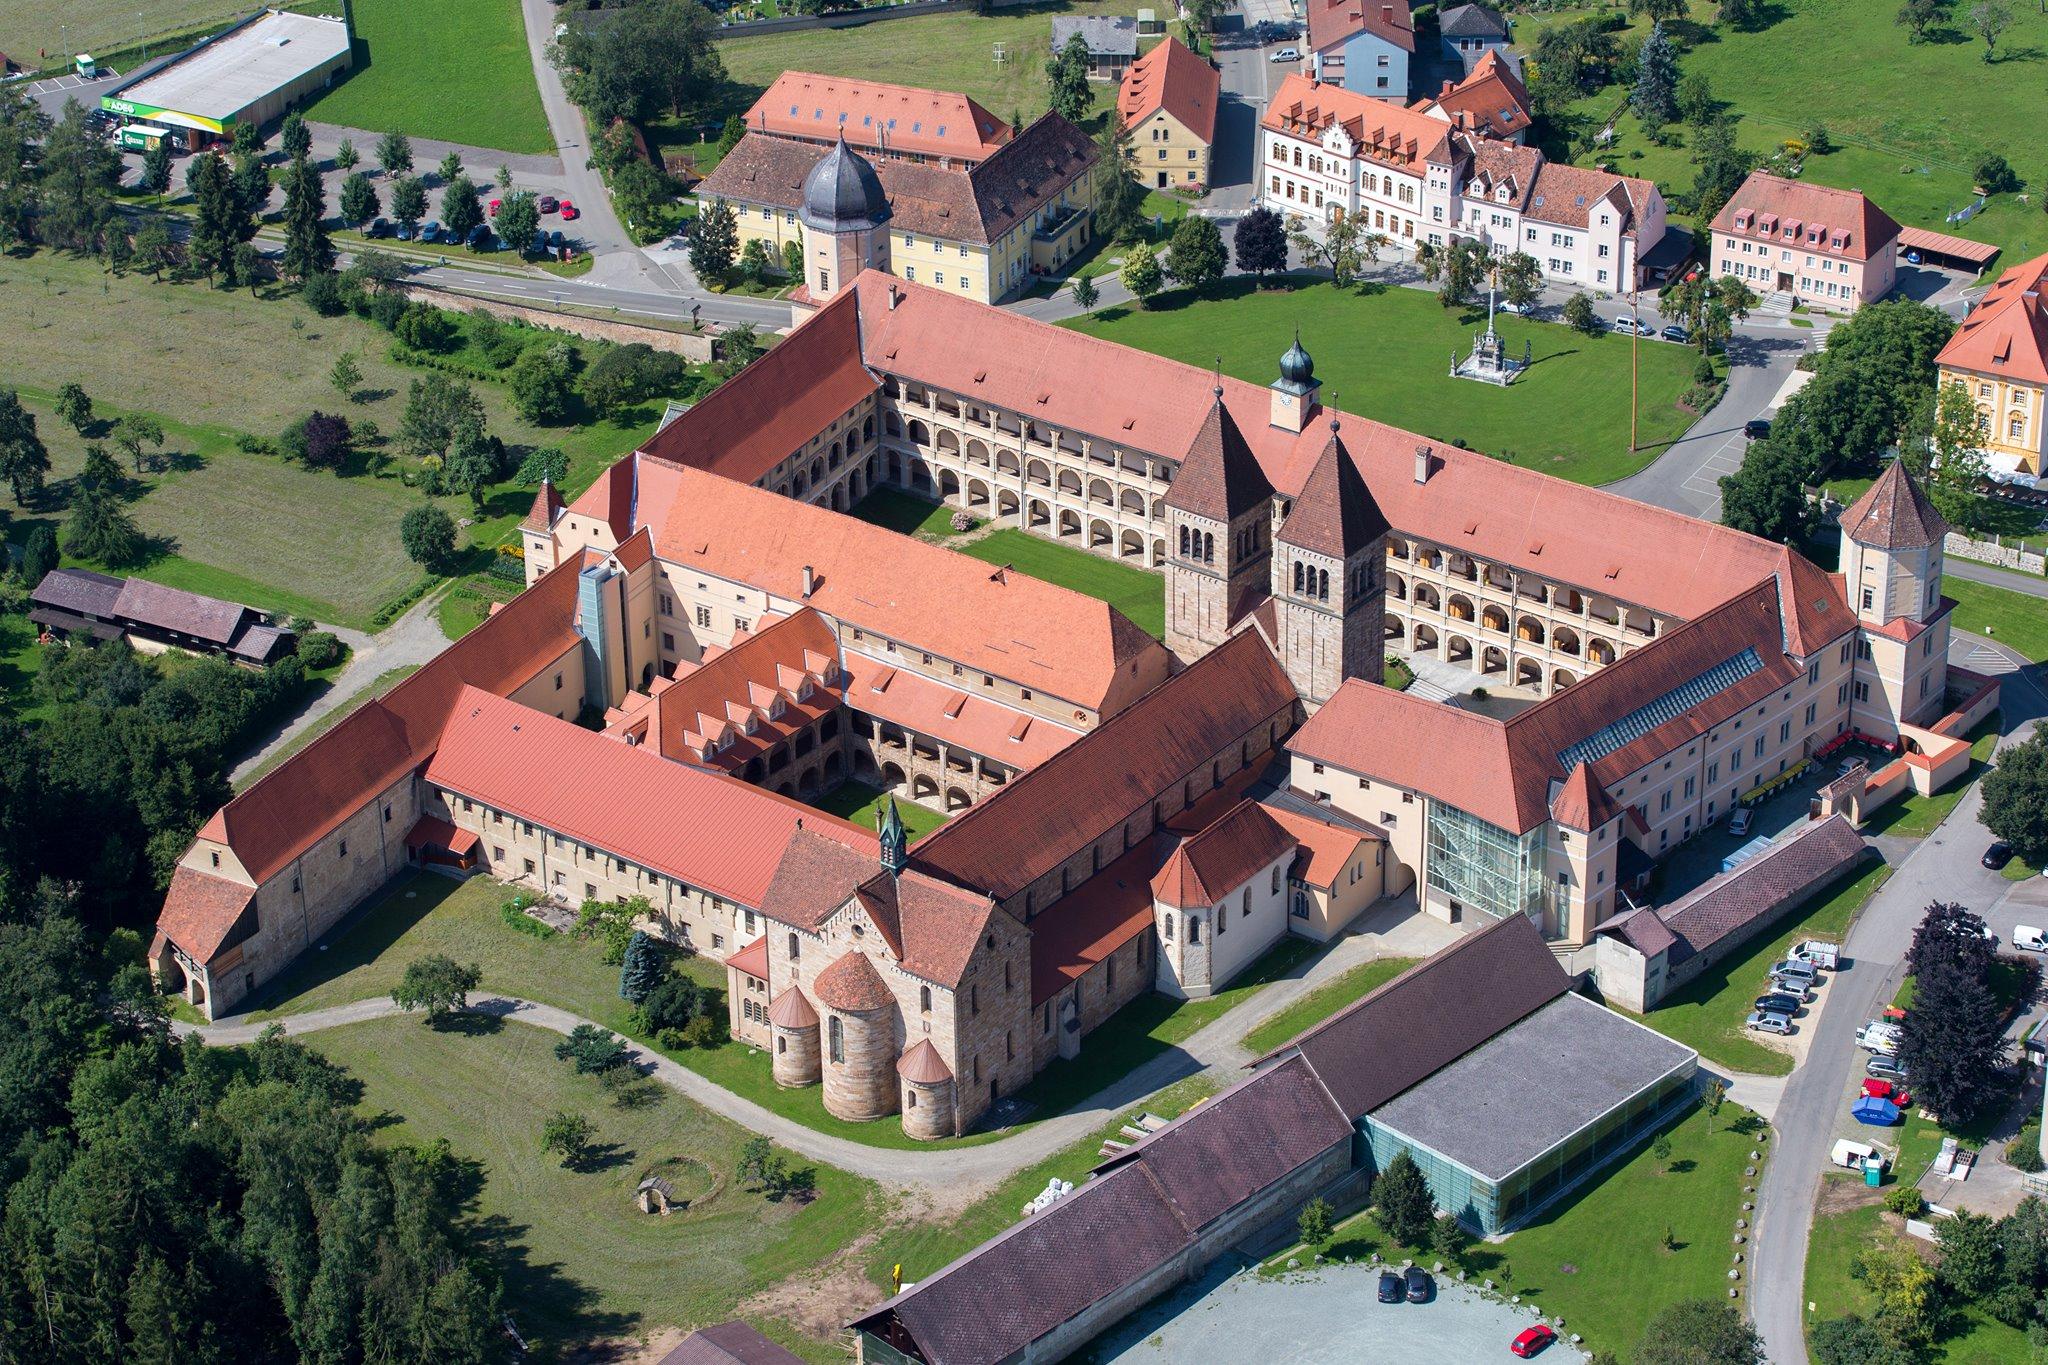 Sie sehen die Benediktinerabtei Seckau aus der Vogelperspektive im Sommer. JUFA Hotels bietet erholsamen Familienurlaub und einen unvergesslichen Winter- und Wanderurlaub.